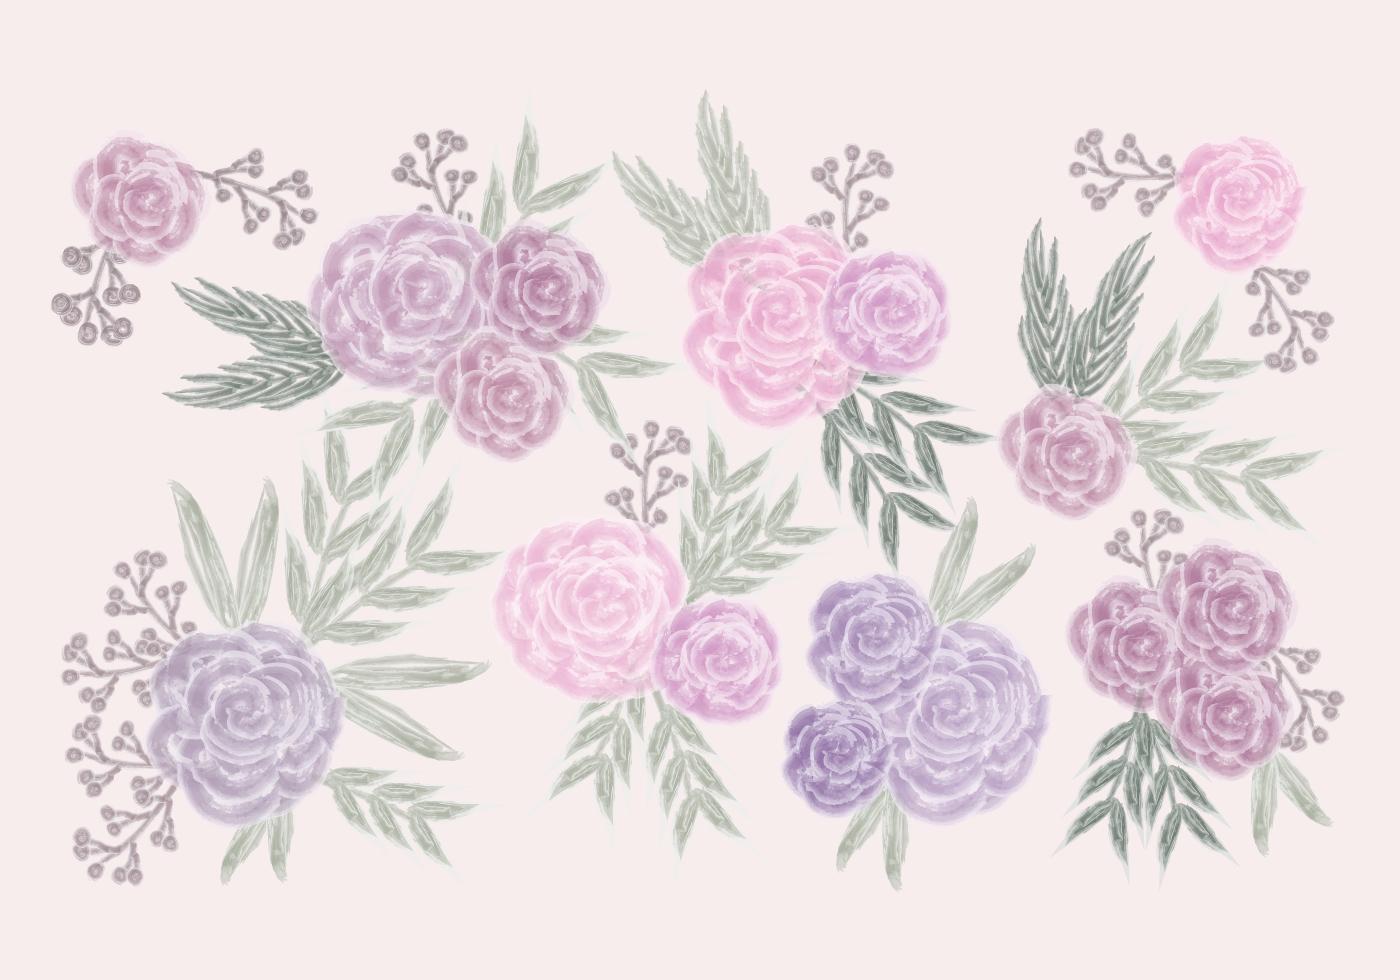 watercolor rose free vector art 6556 free downloads